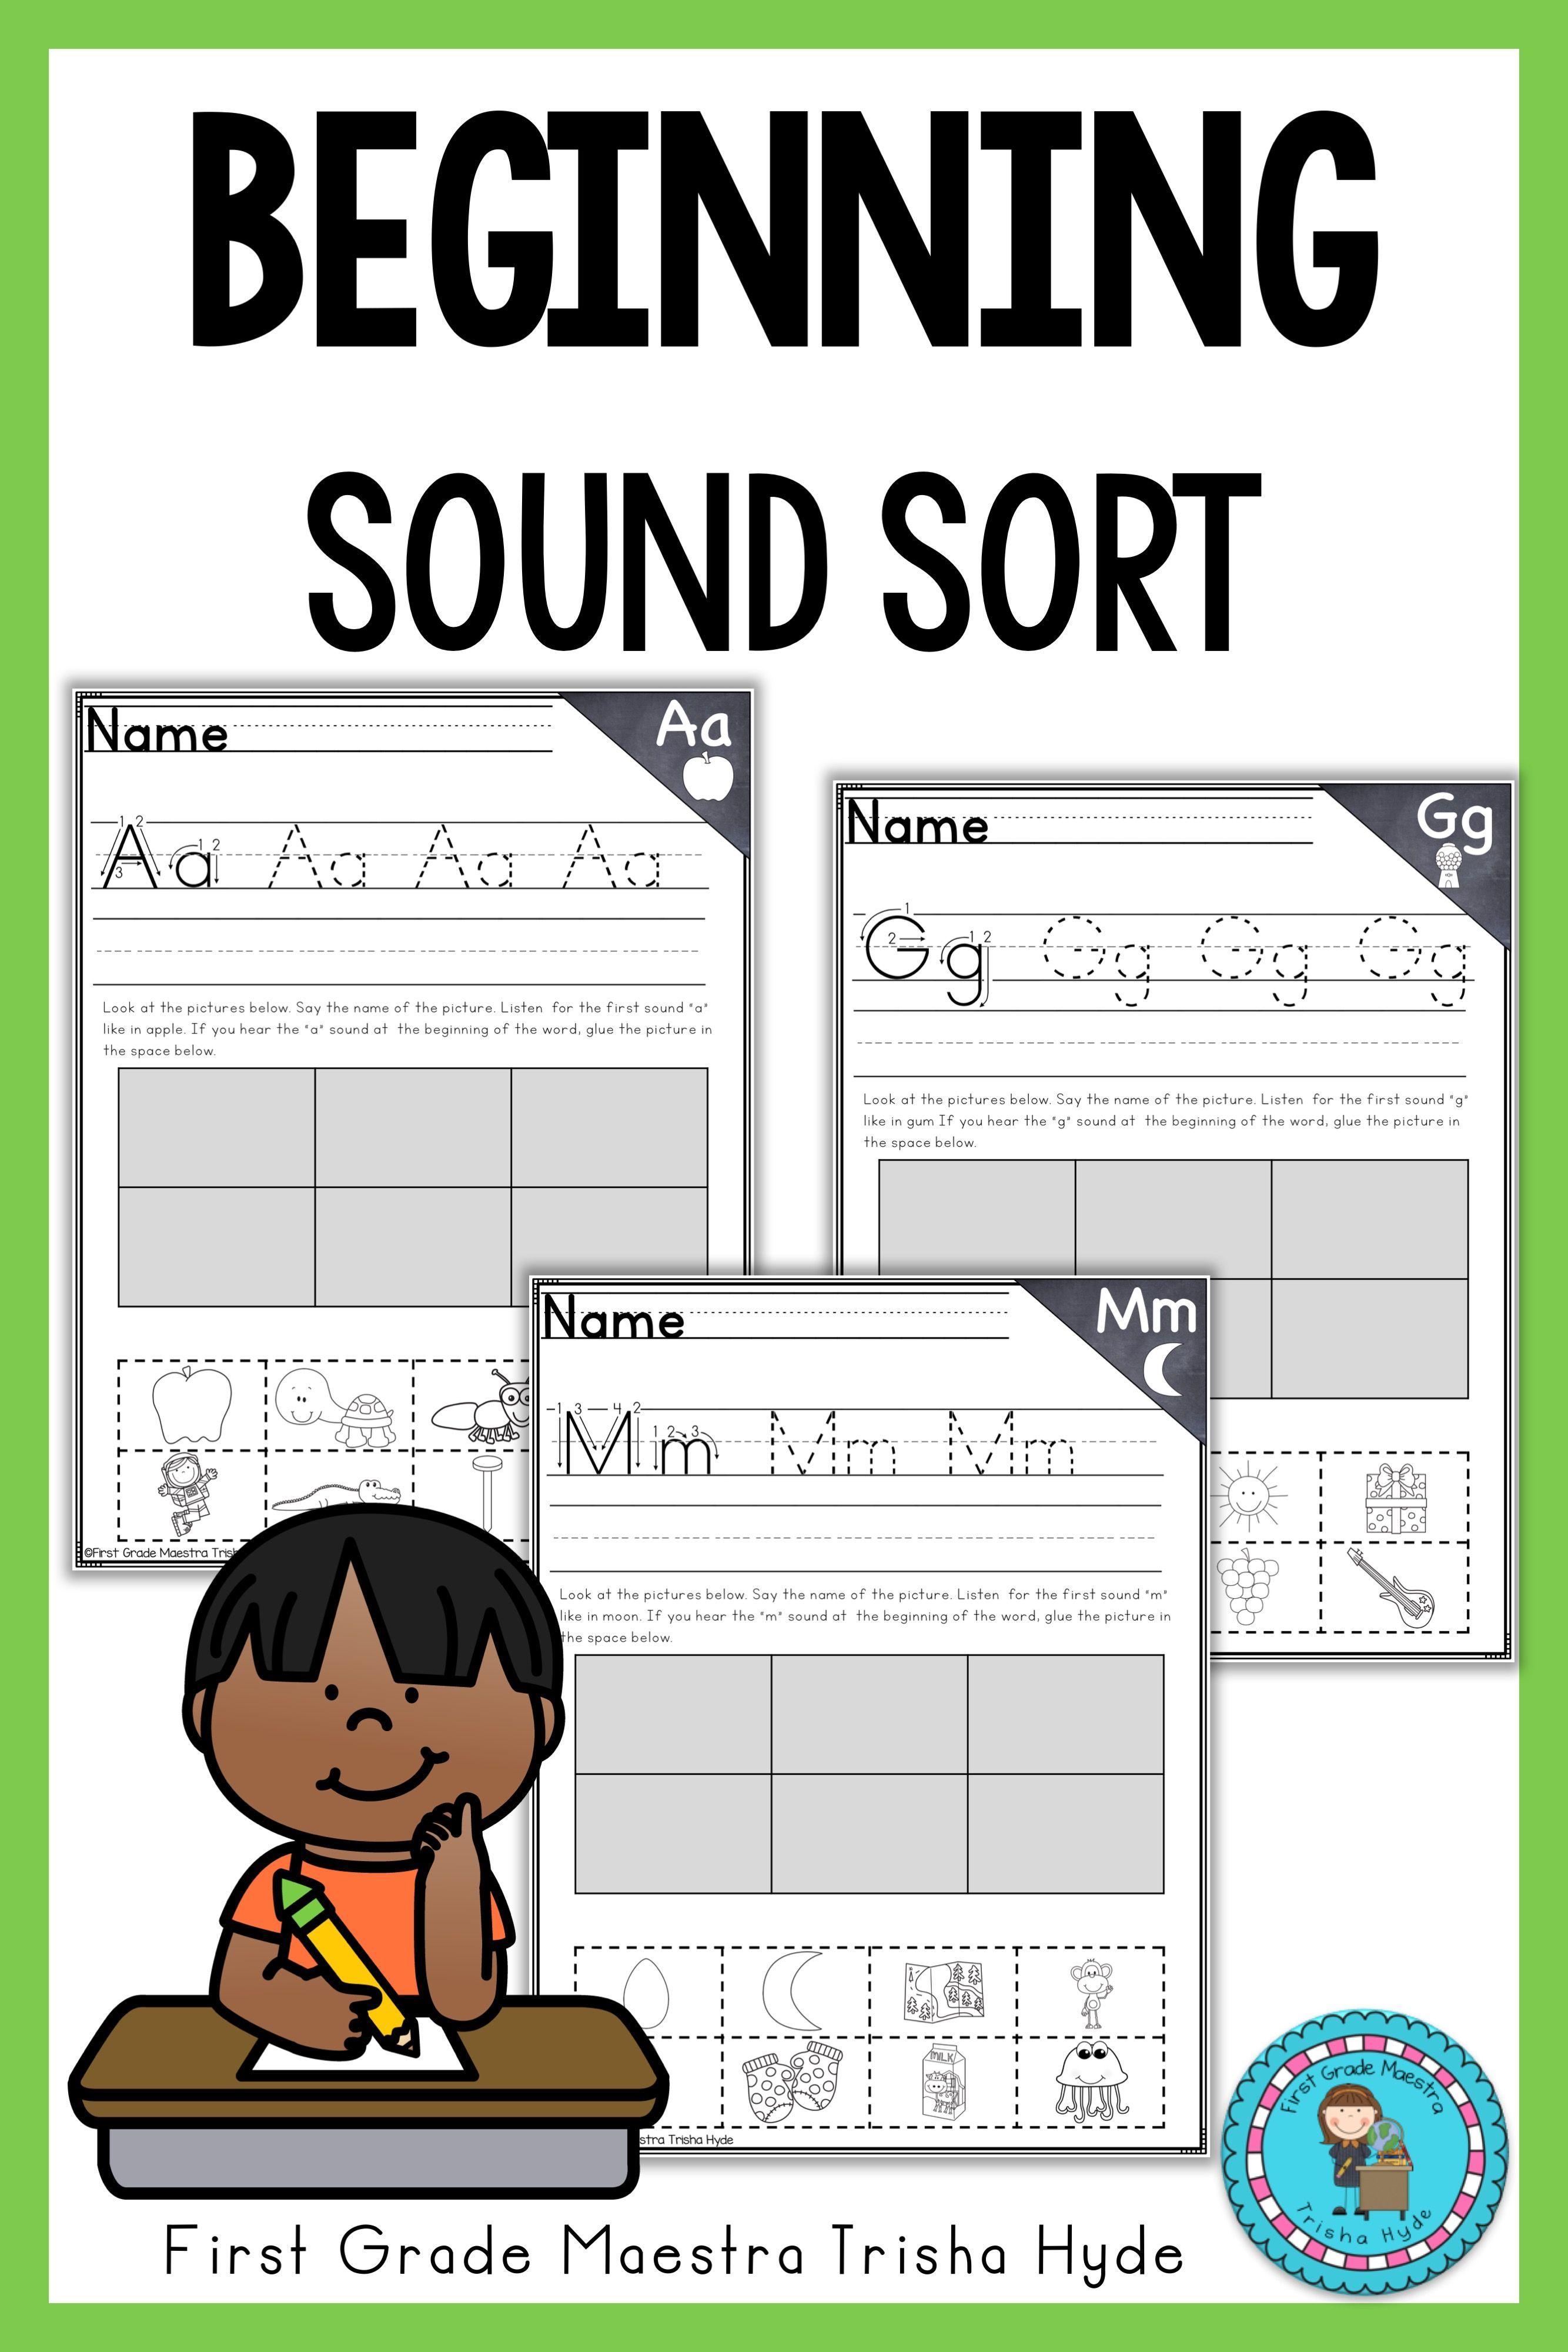 Sound Sort Worksheet